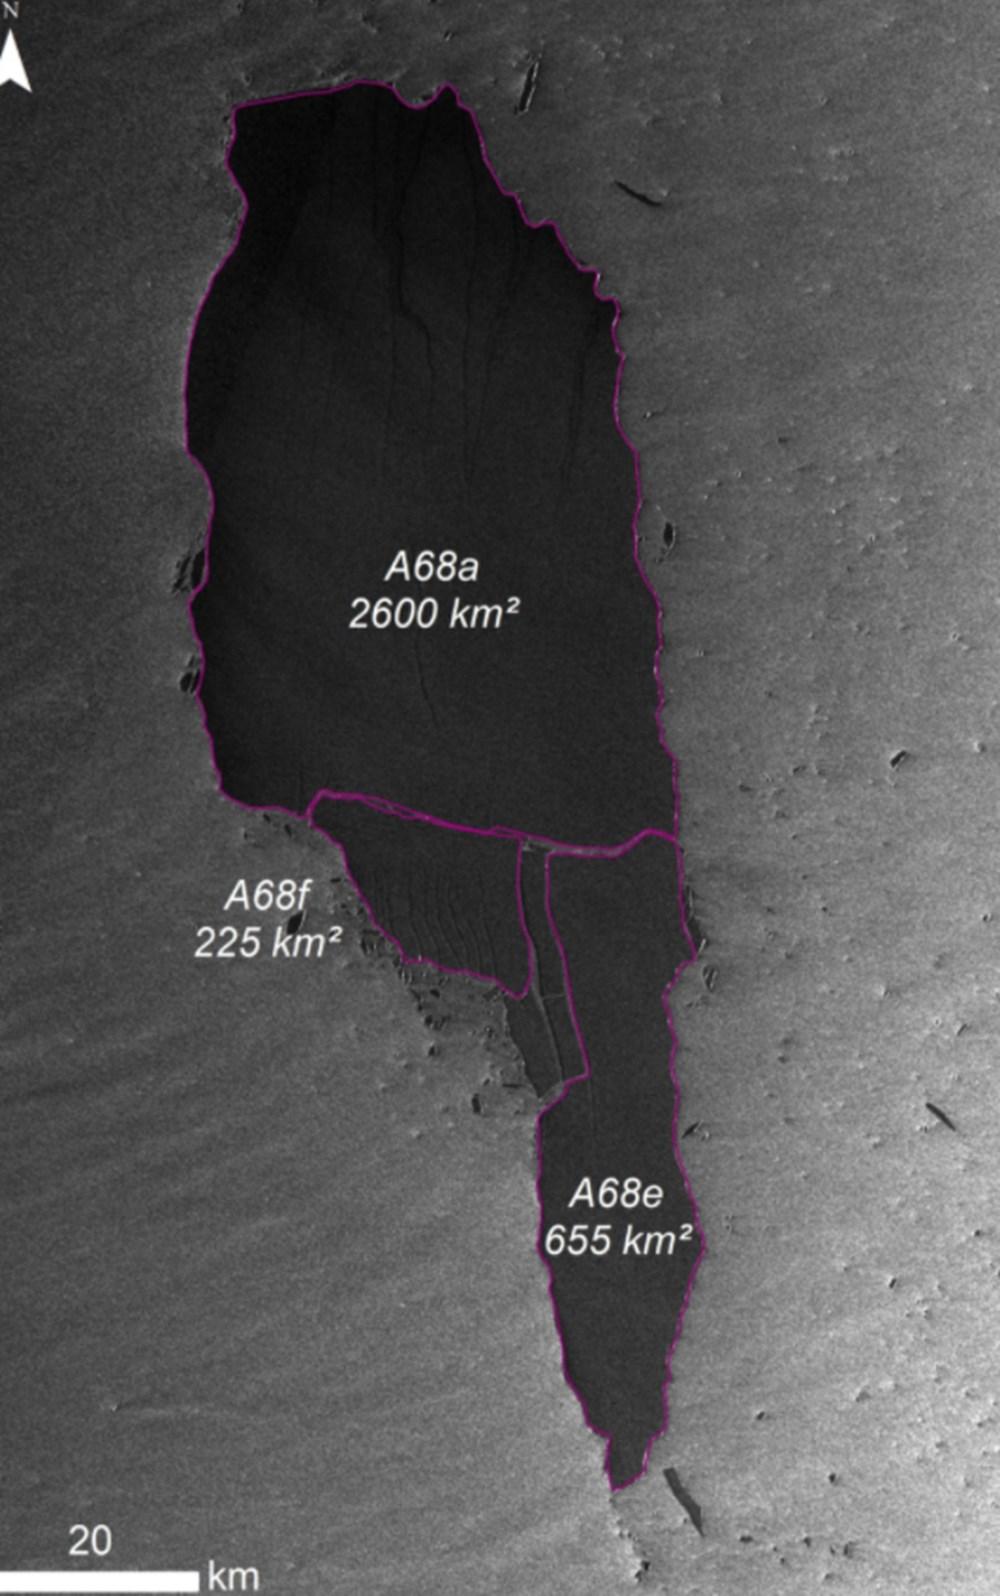 Dünyanın en büyük buzdağı parçalanmaya devam ediyor: Milyonlarca penguen ve deniz canlısı tehdit altında - 4